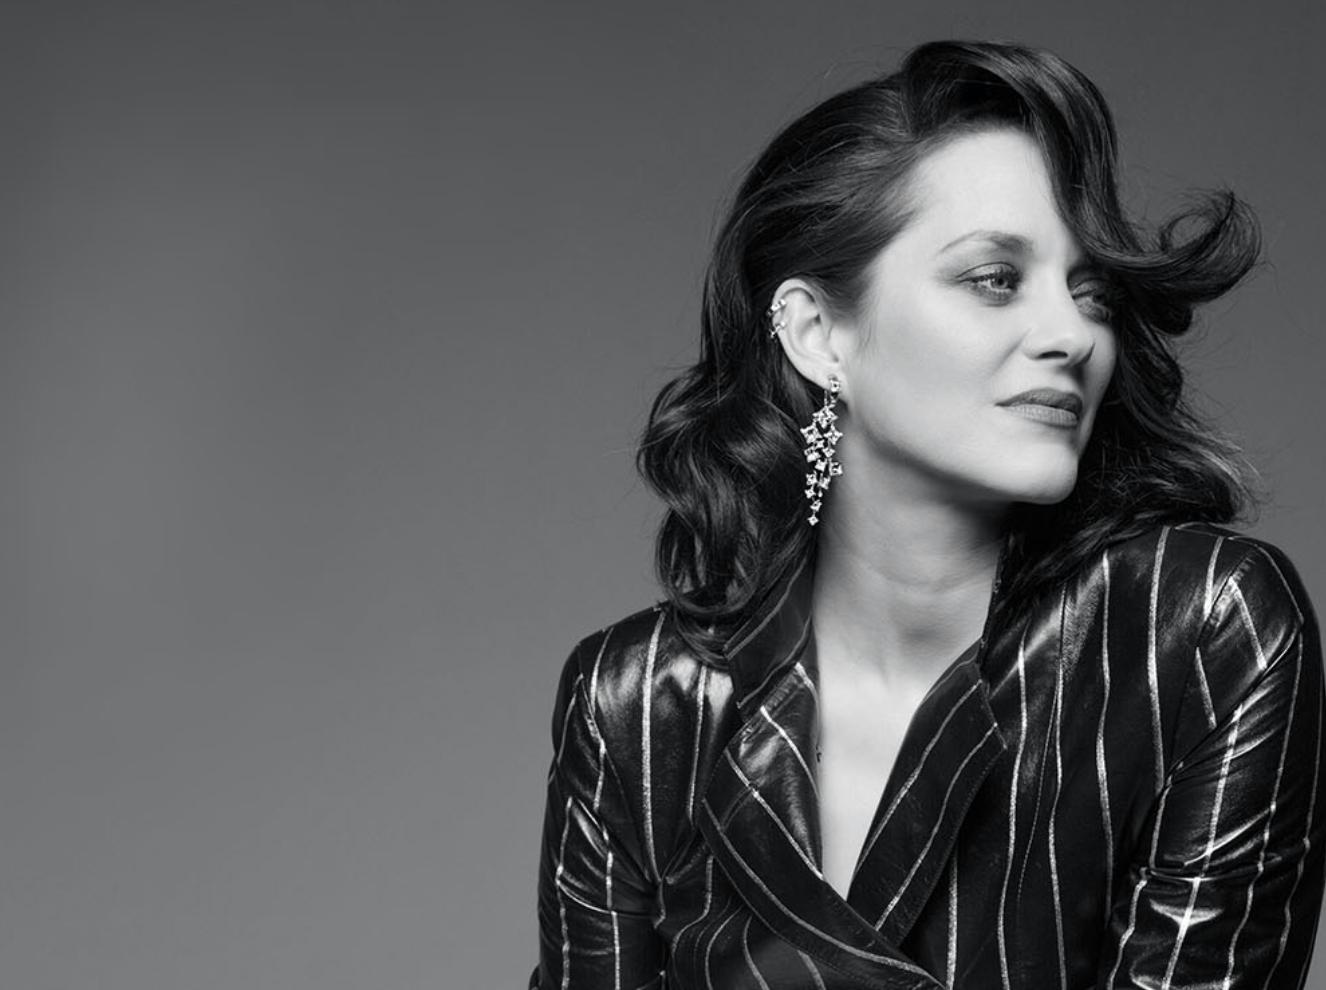 Марион Котийяр представила коллекцию ювелирных украшений